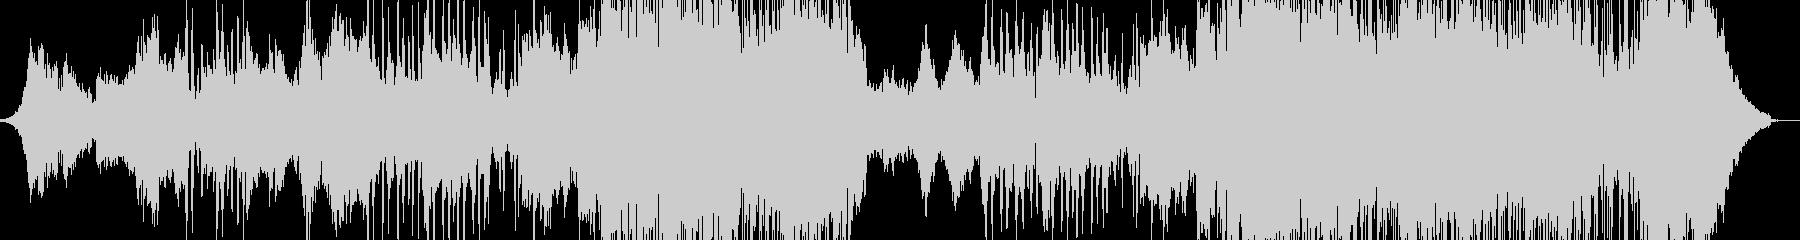 魔法の国のようなキラキラポップス 長尺の未再生の波形